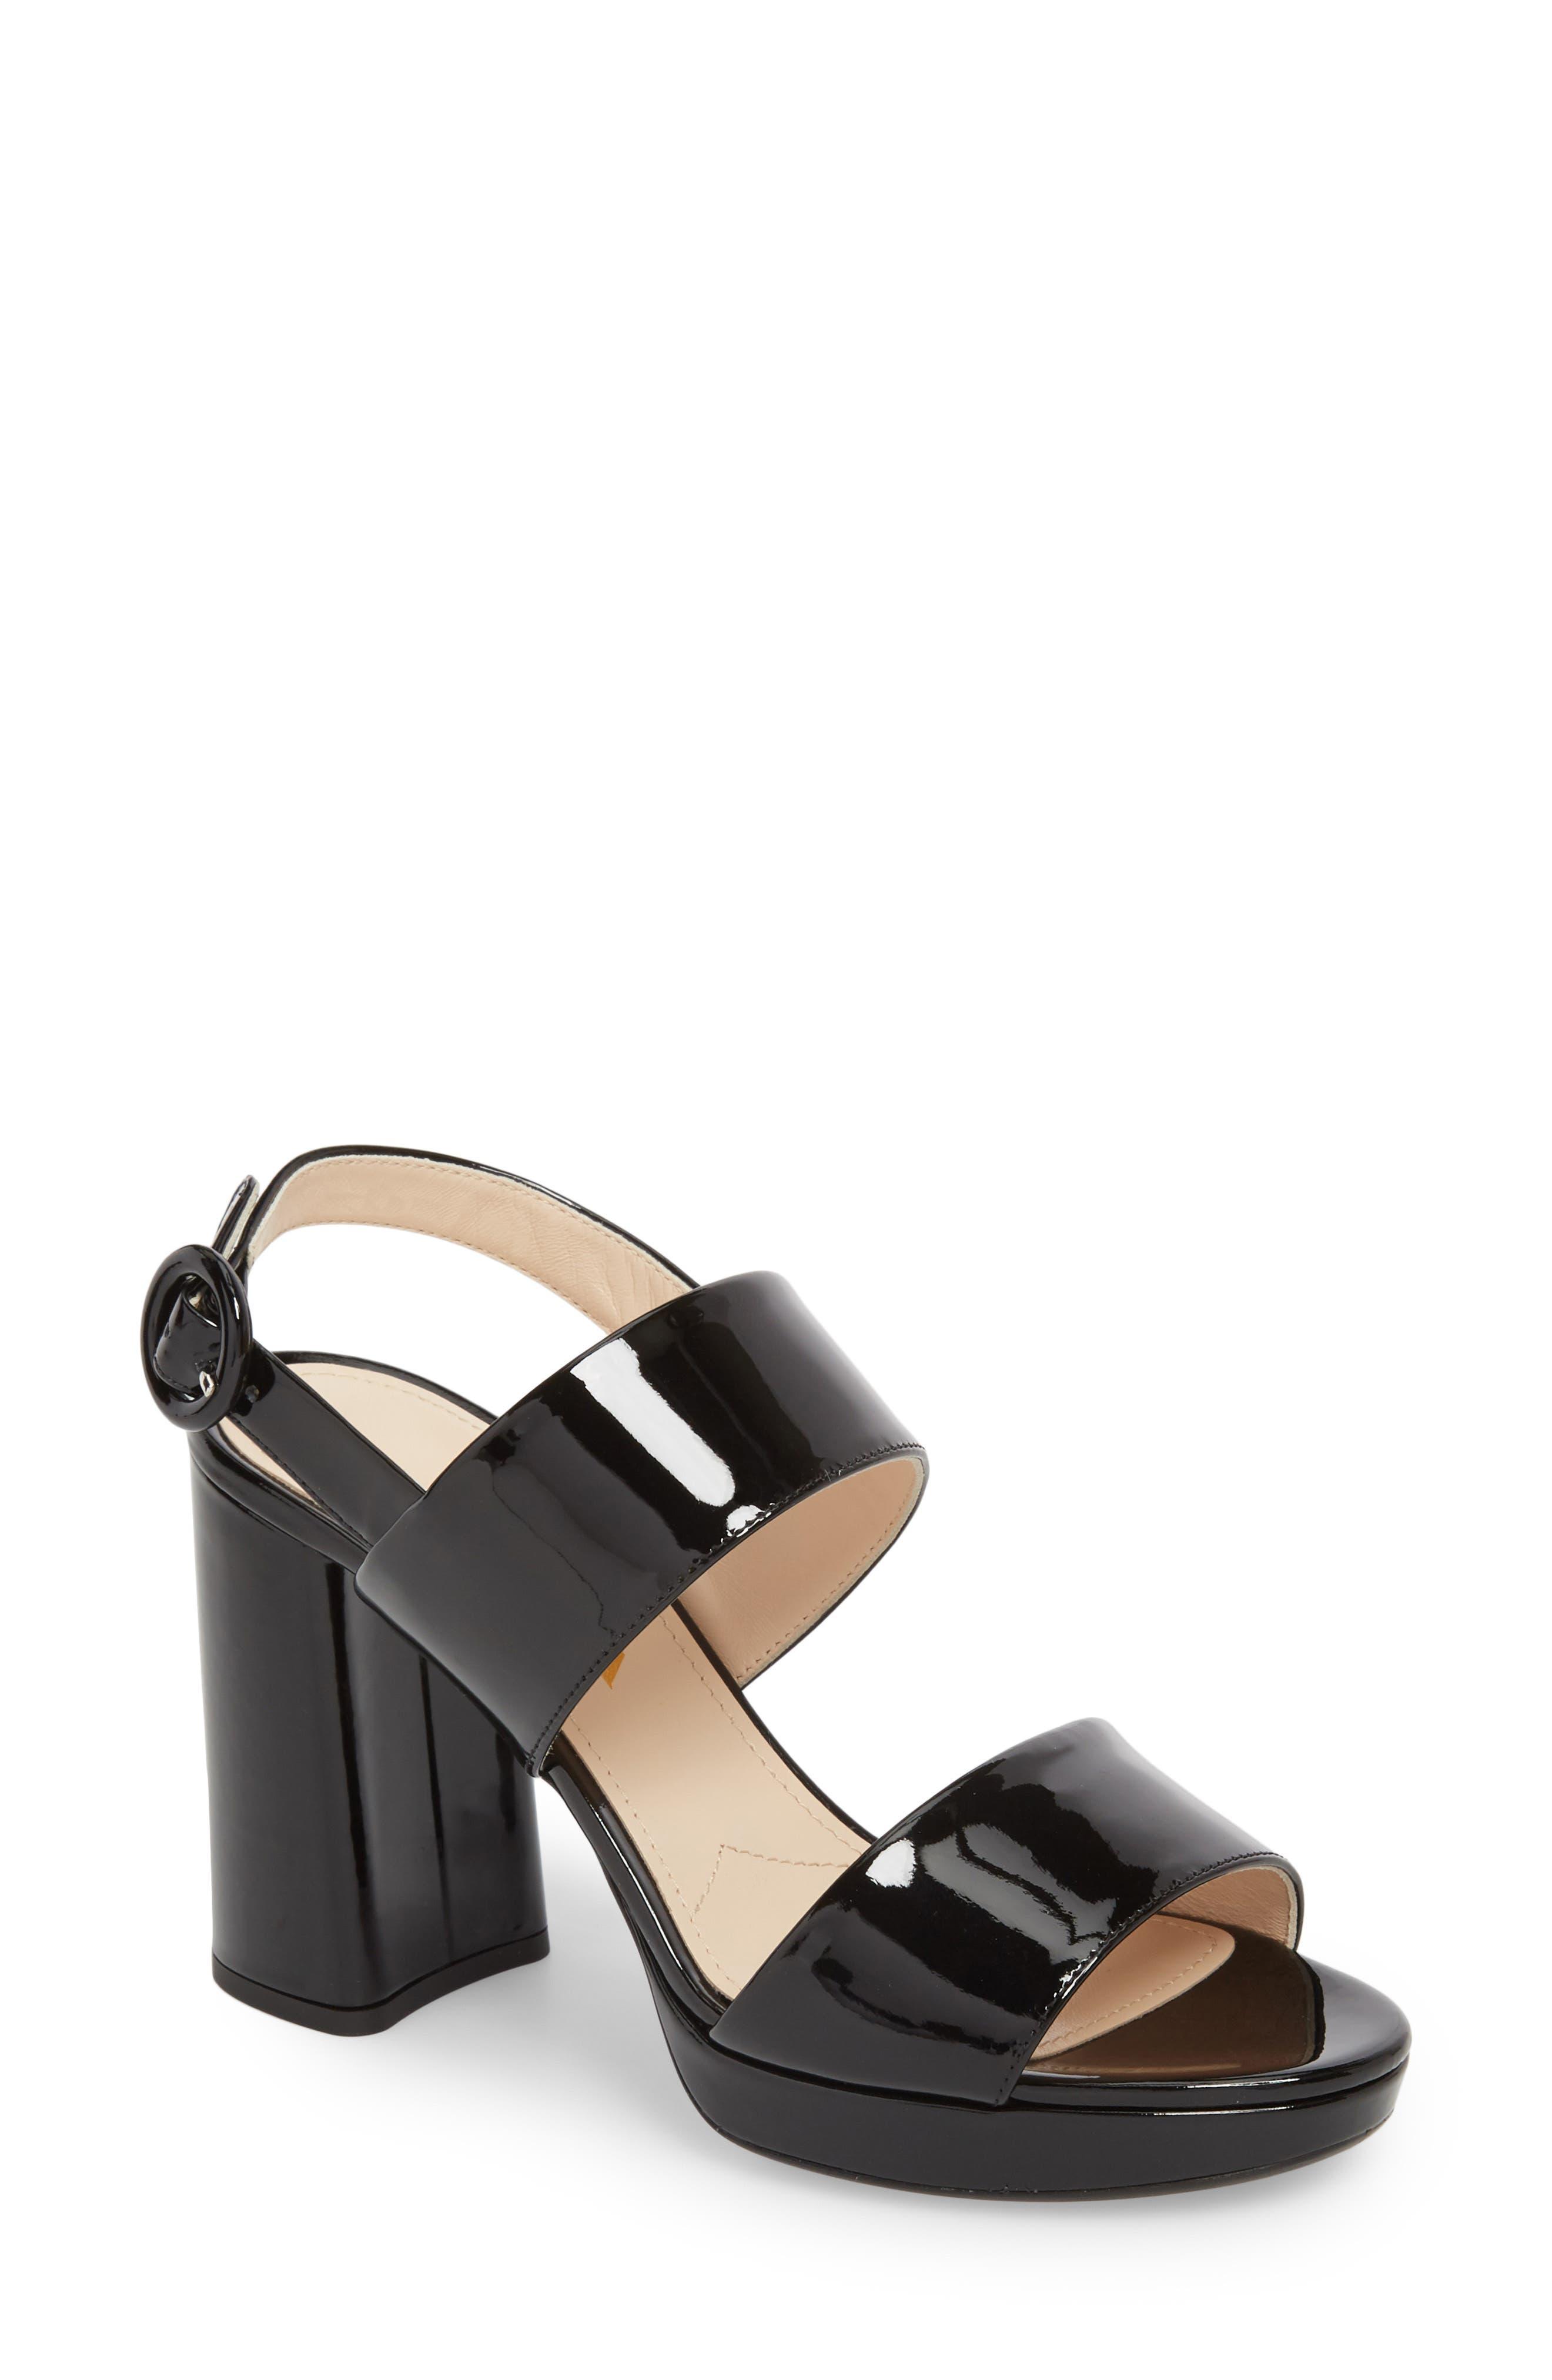 PRADA, Slingback Platform Sandal, Main thumbnail 1, color, BLACK PATENT